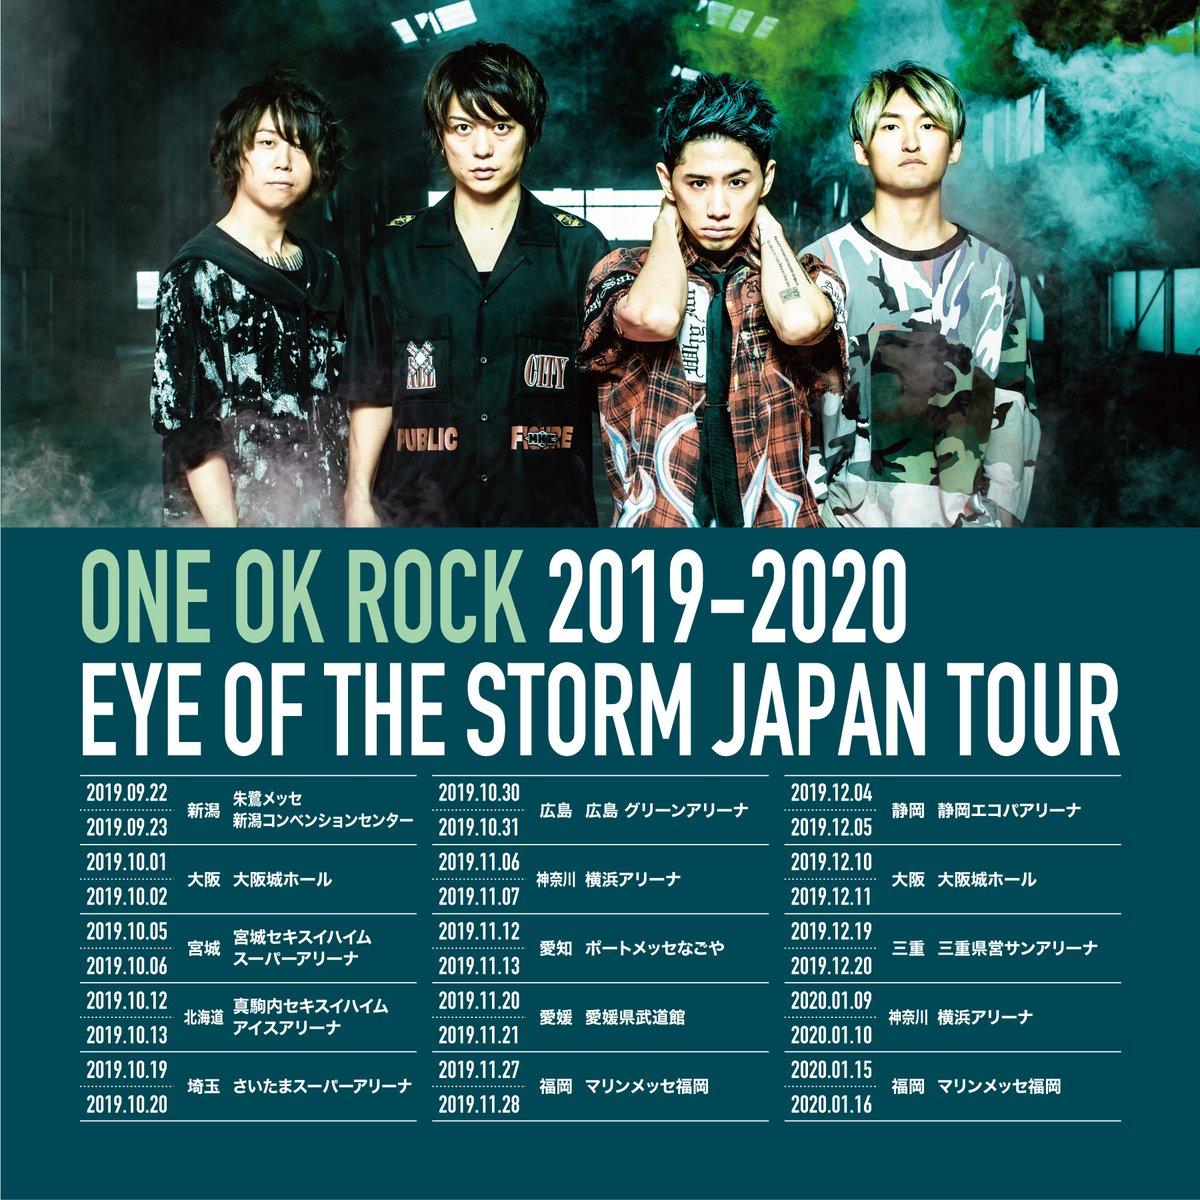 そんな彼らが、今年の9月より日本での全国アリーナツアーを開催することを発表!!